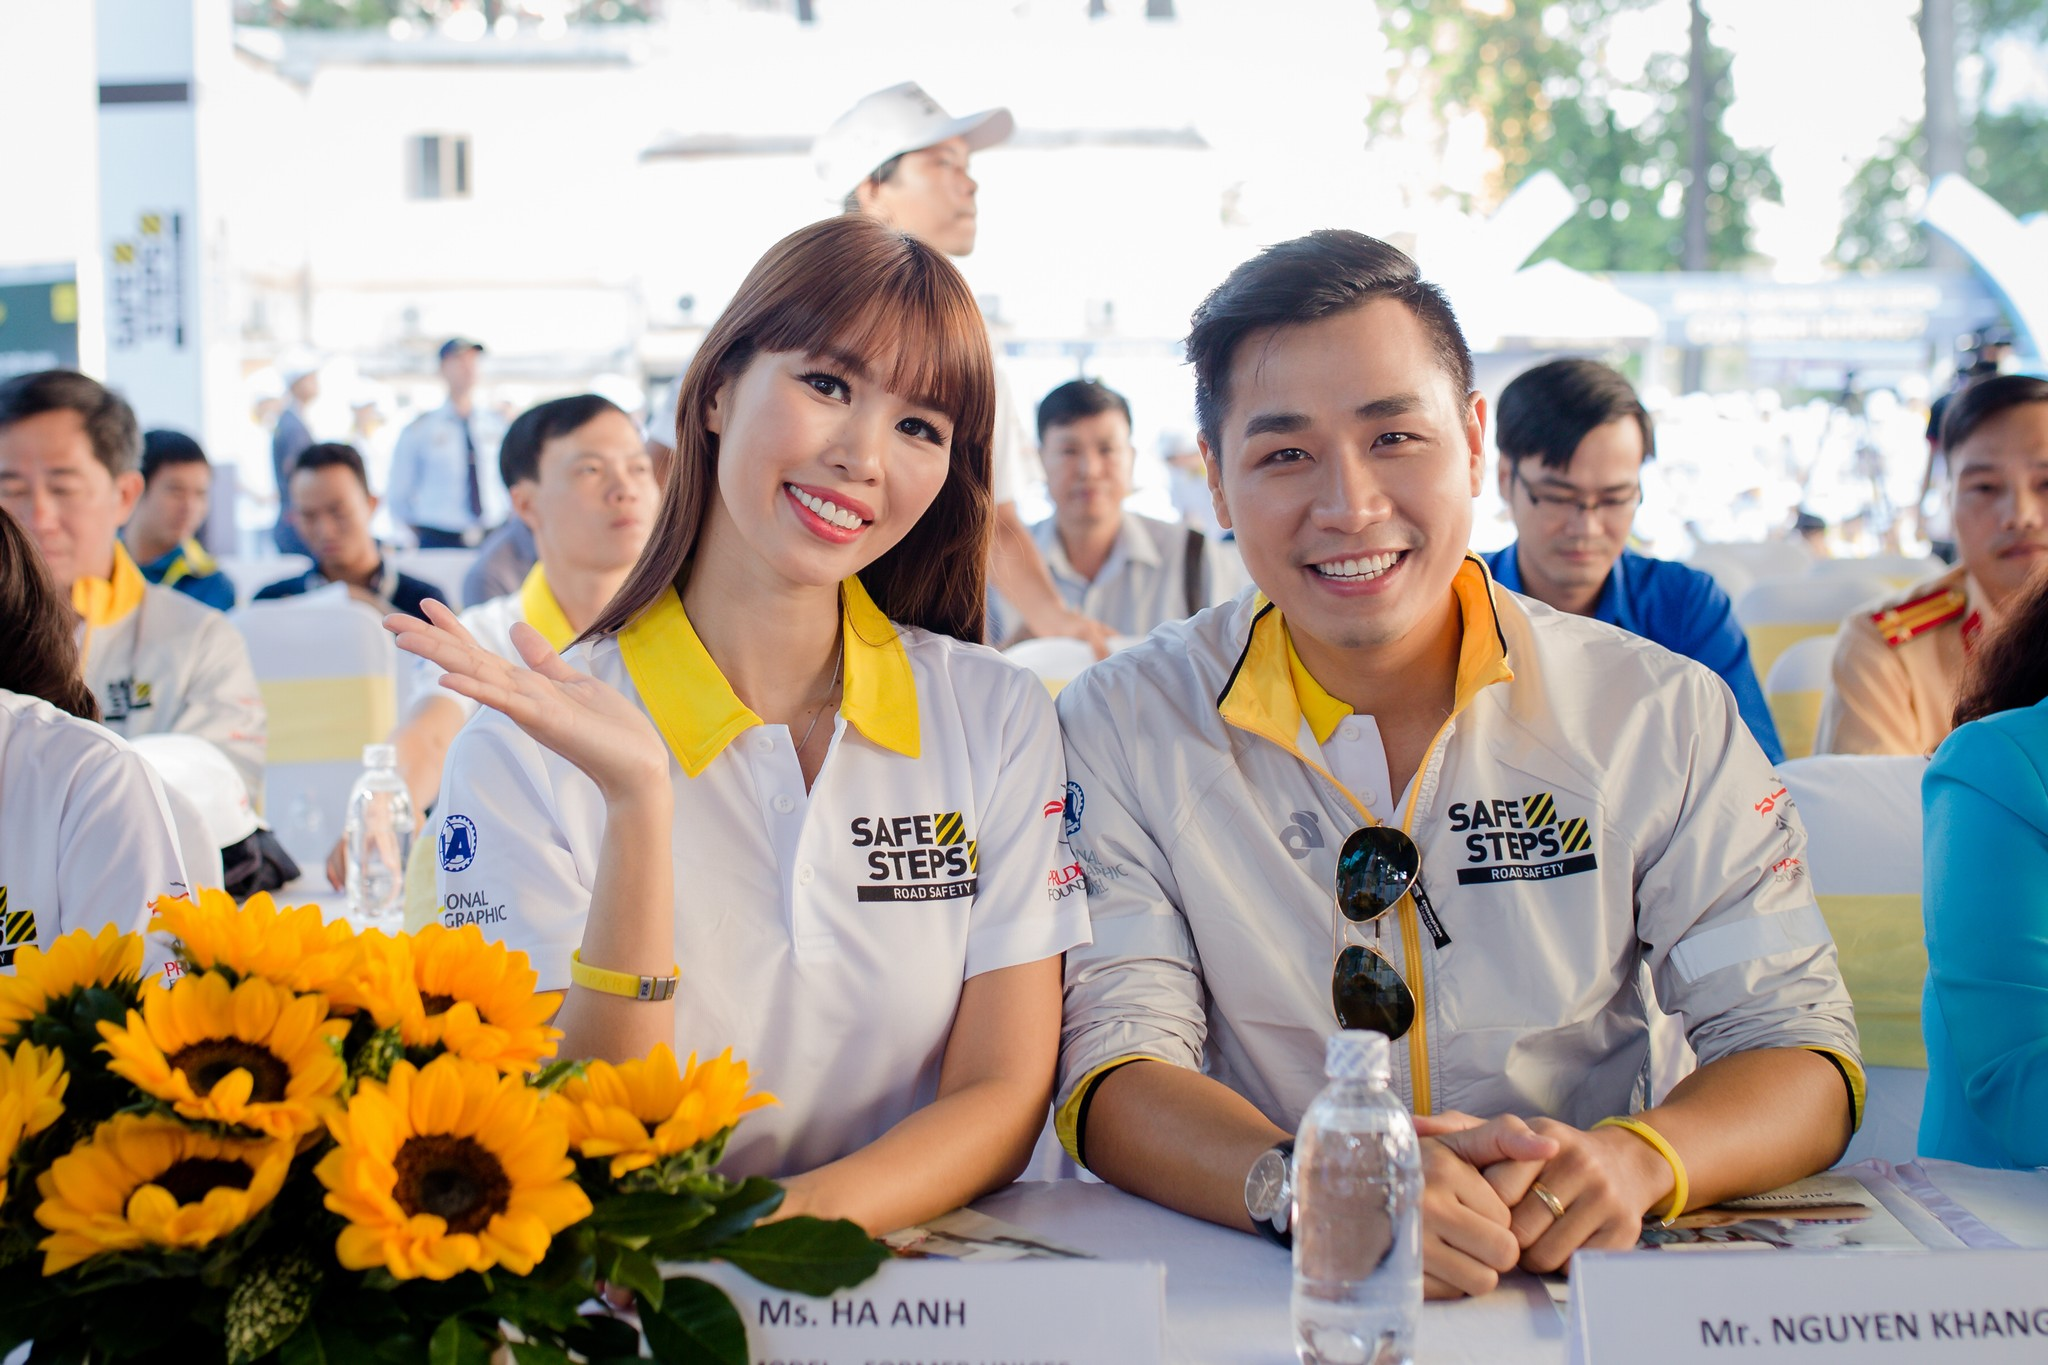 Ao thun Safe steps Road Safety 13 - Bừng sáng sự kiện Safe Steps của Liên Hợp Quốc tại Việt Nam với áo thun sự kiện